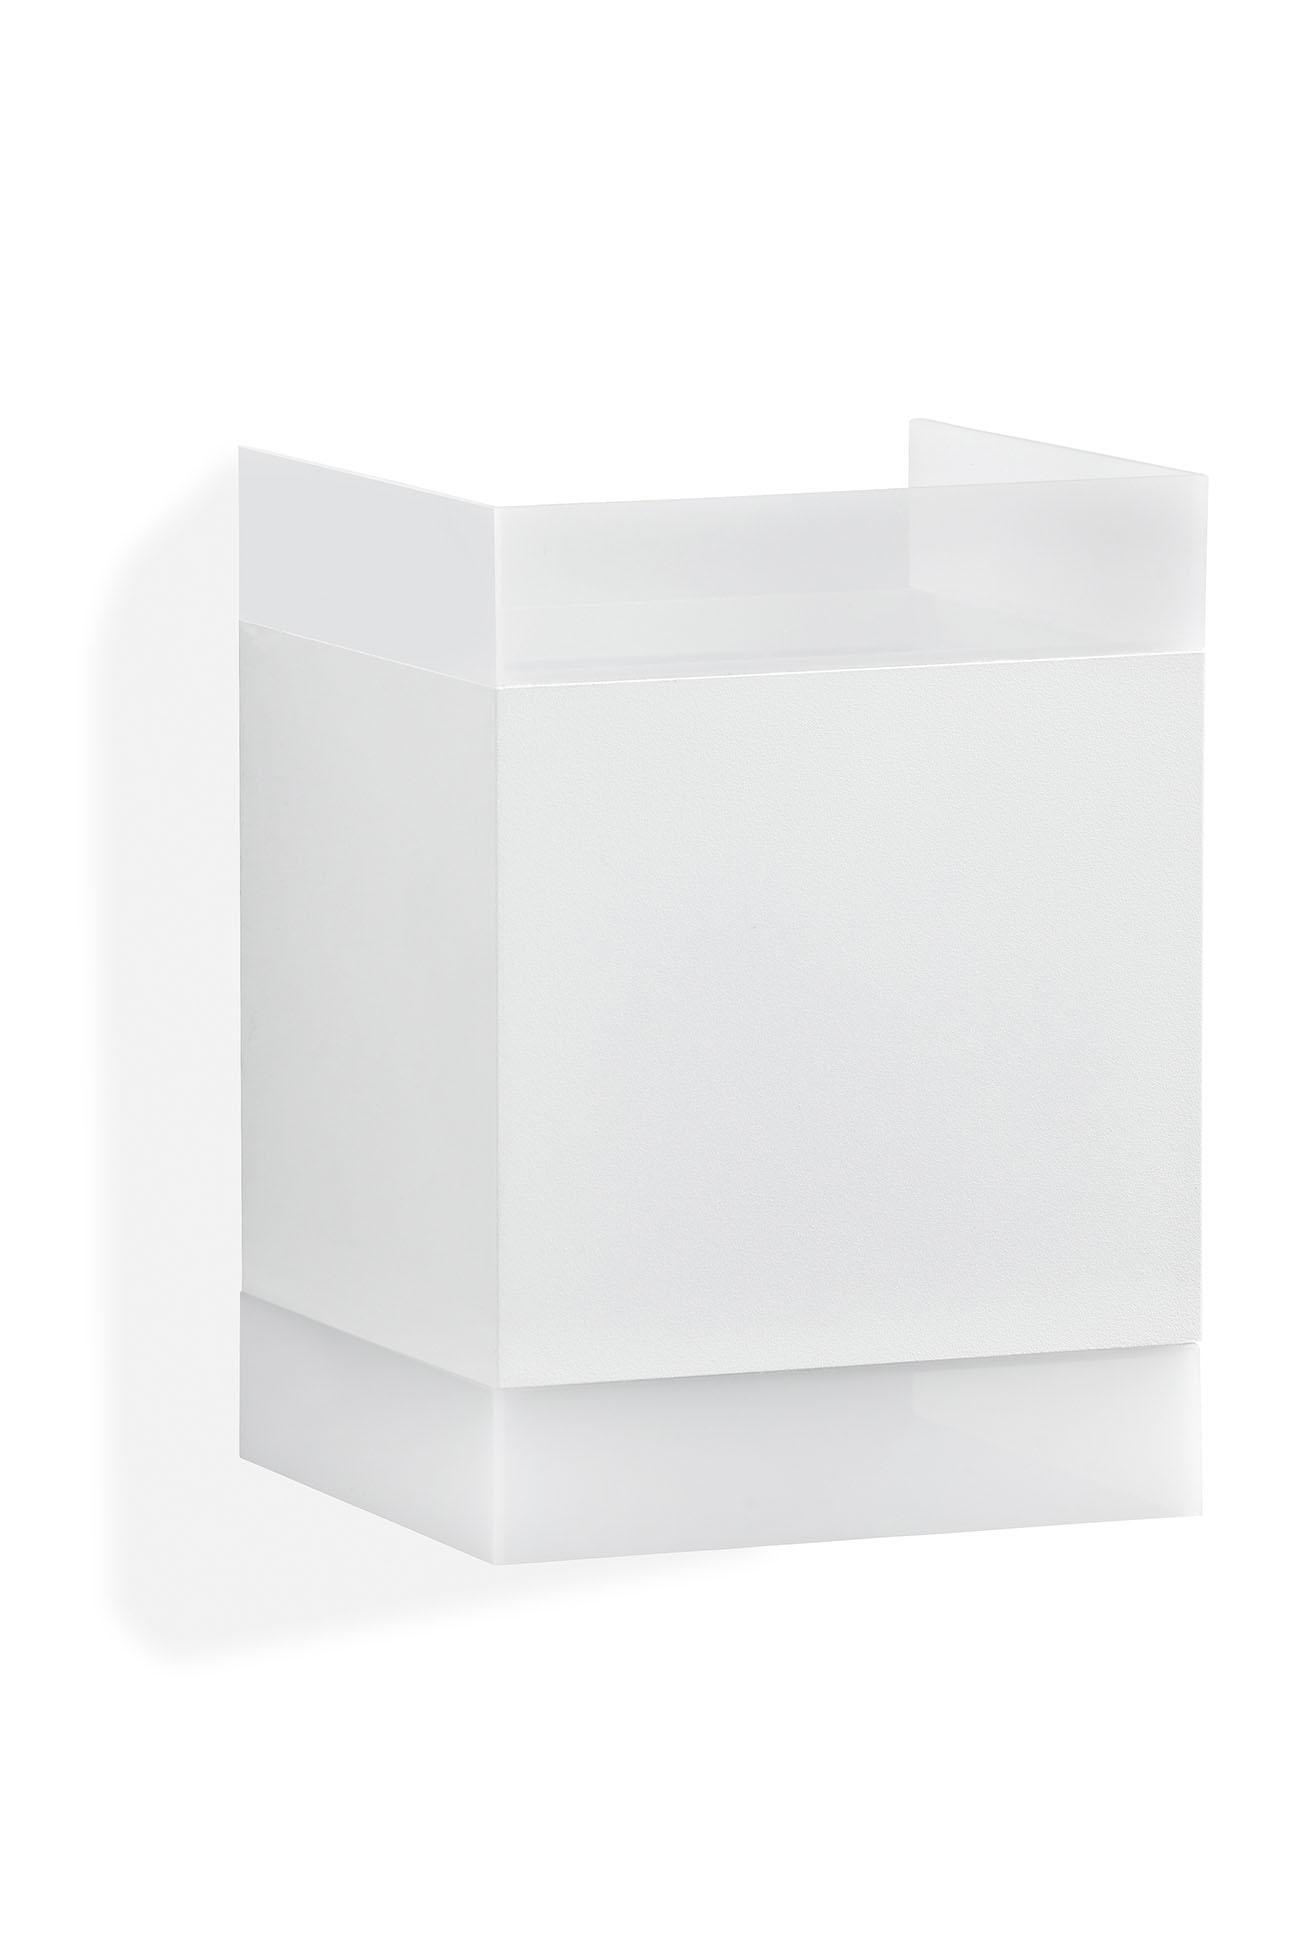 TELEFUNKEN LED Außenwandleuchte, 11 cm, 7 W, Weiß